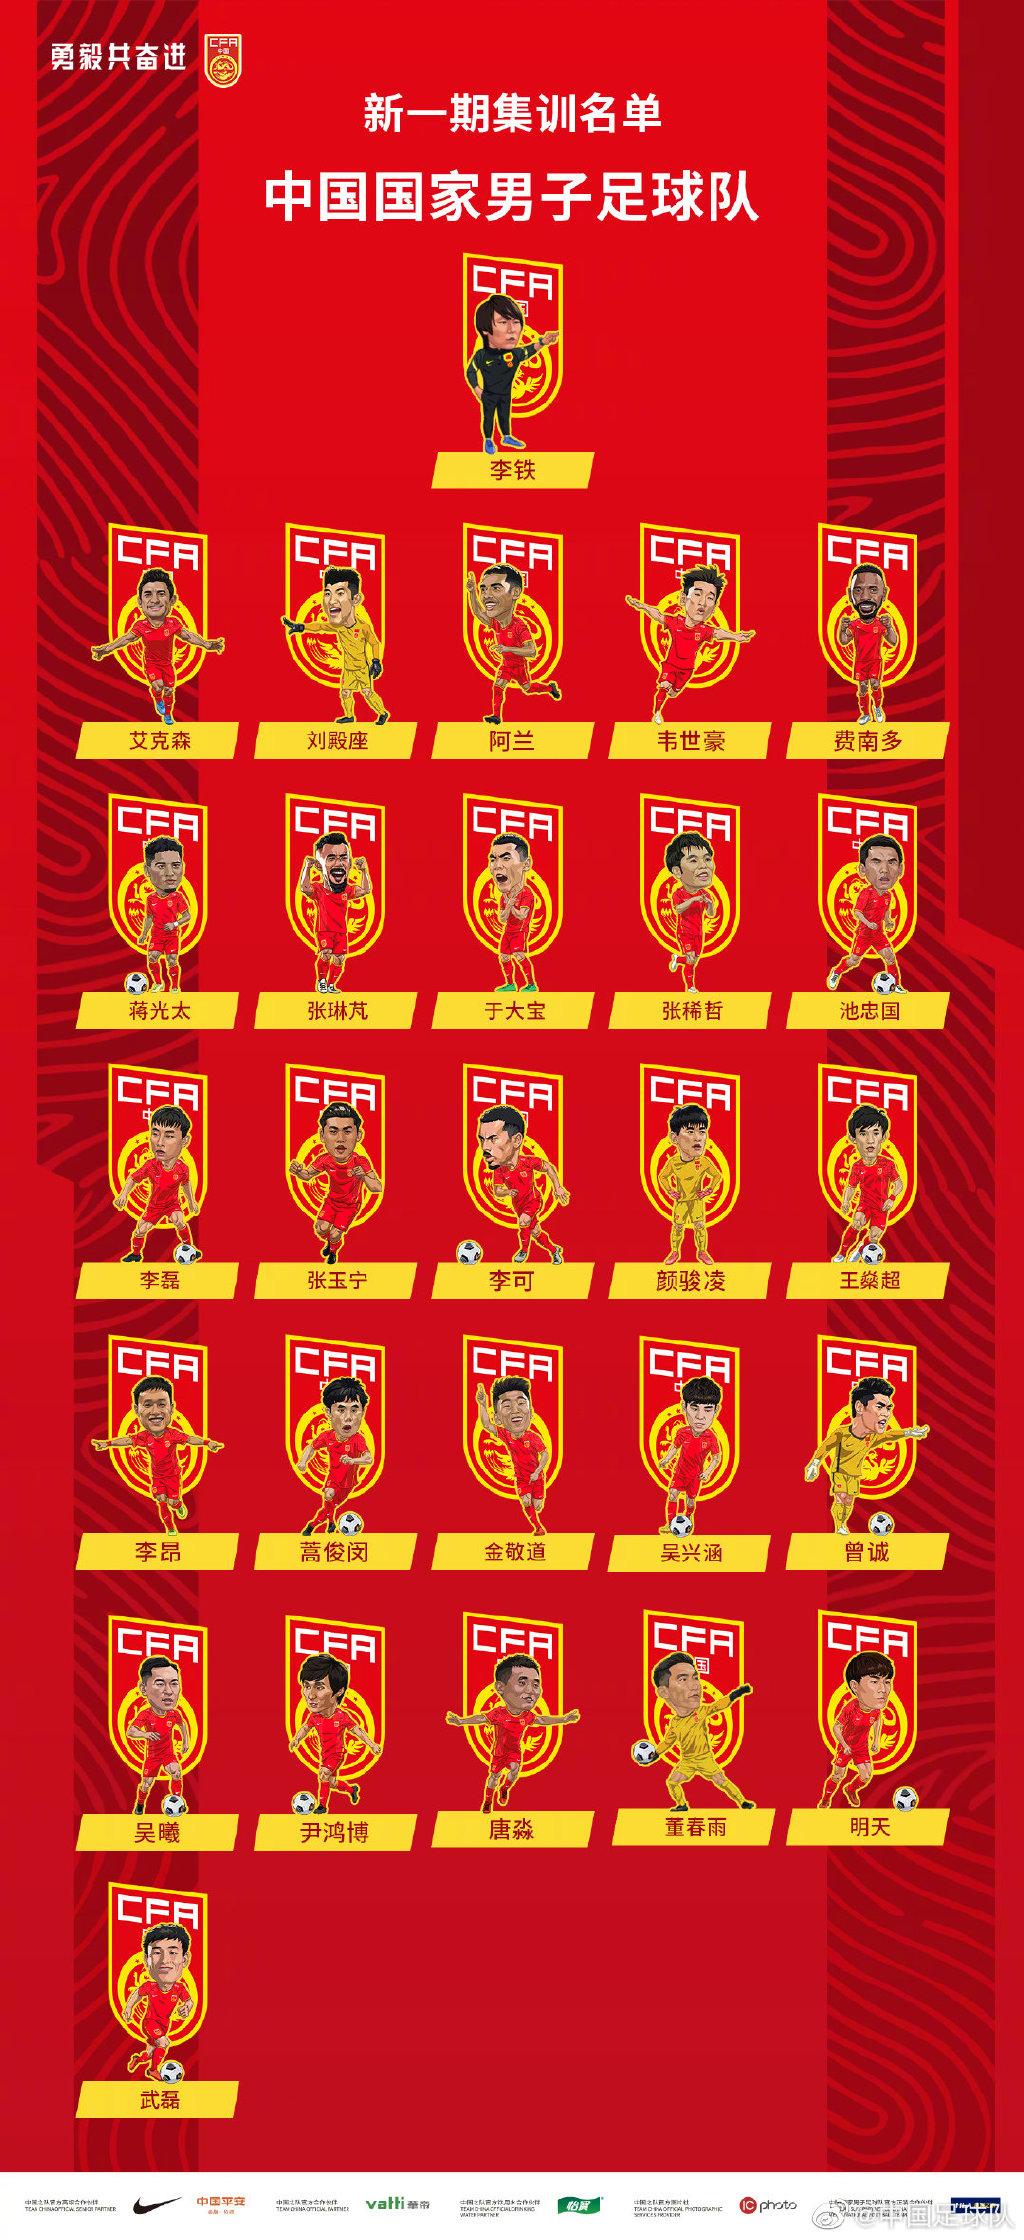 武磊回归国家队集训名单,五大入籍球员在列